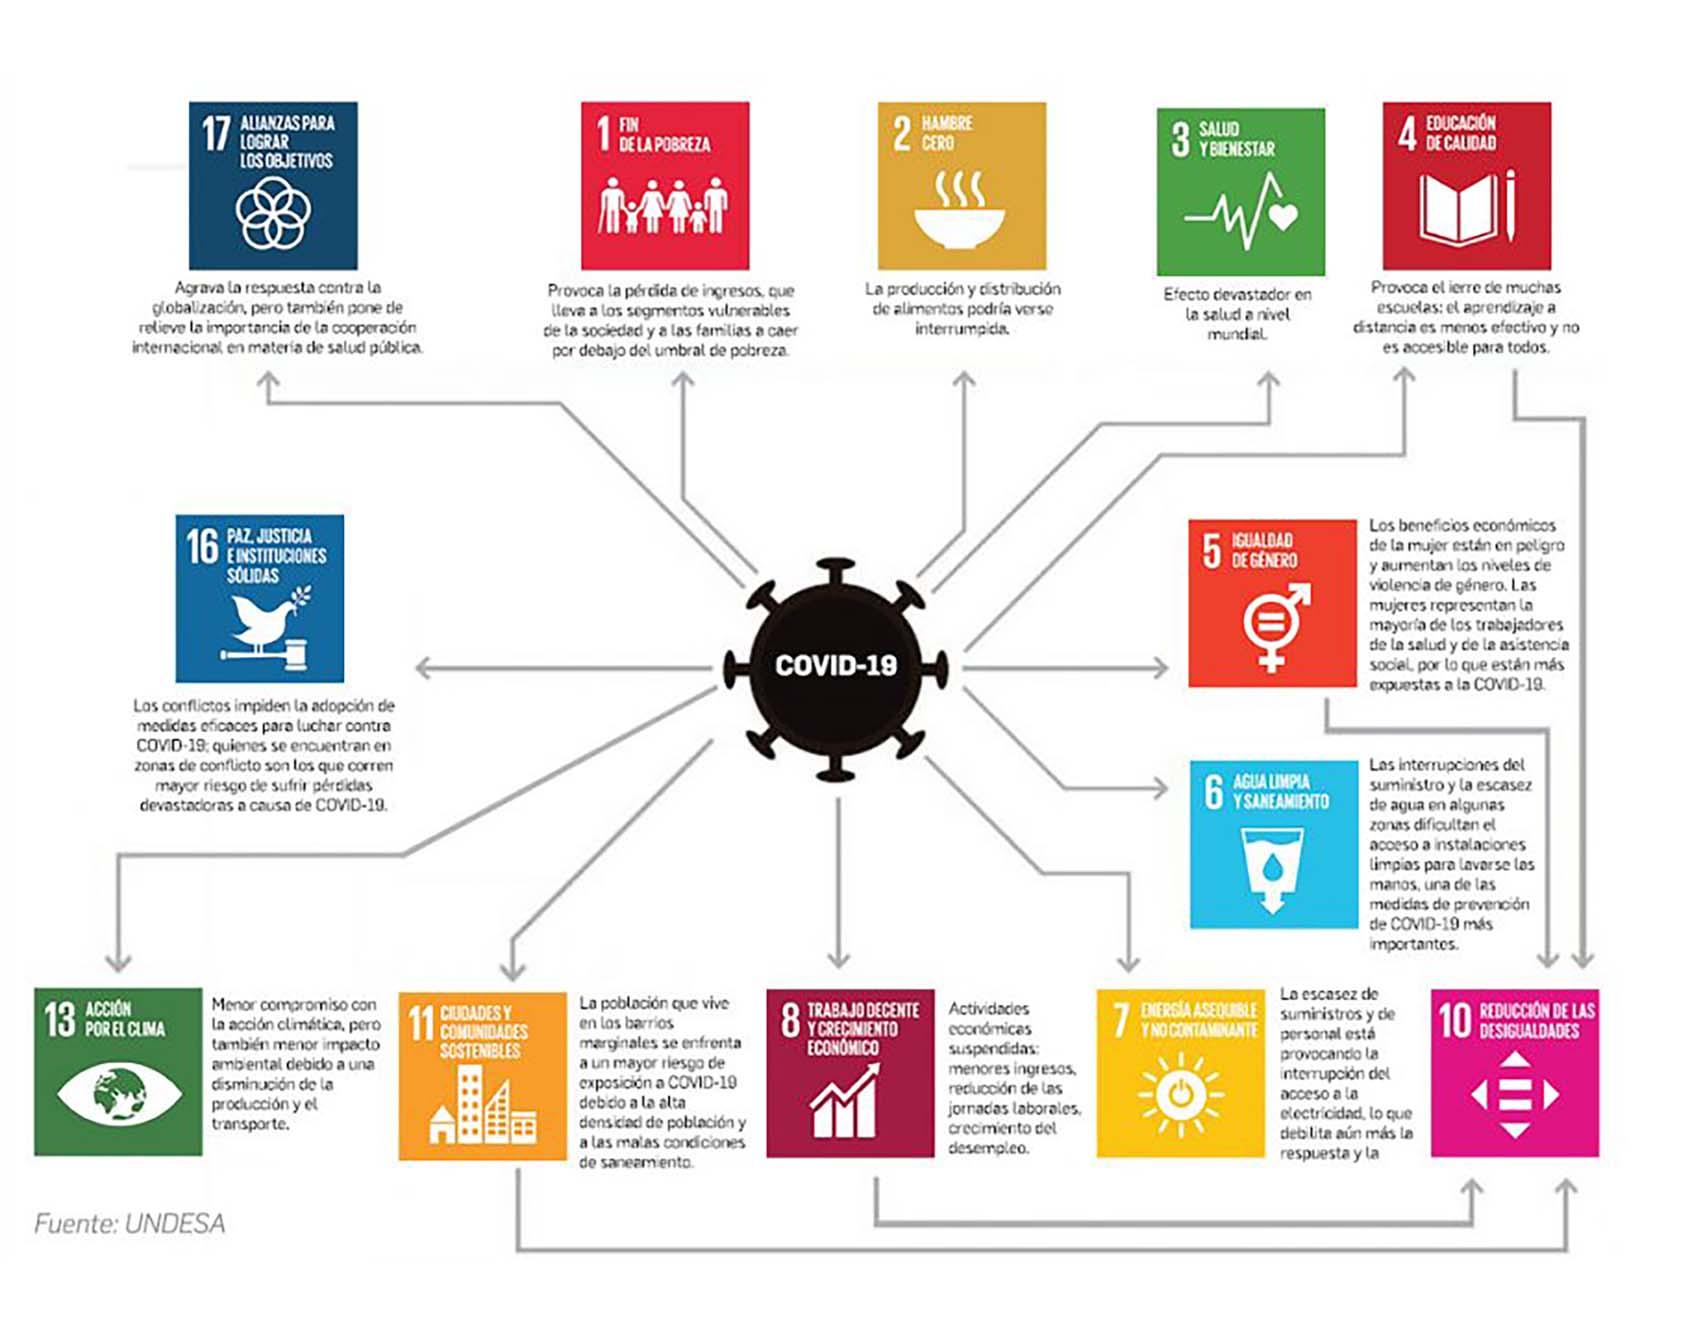 Diálogos sociales sobre el desarrollo sostenible en el contexto de la pandemia COVID19